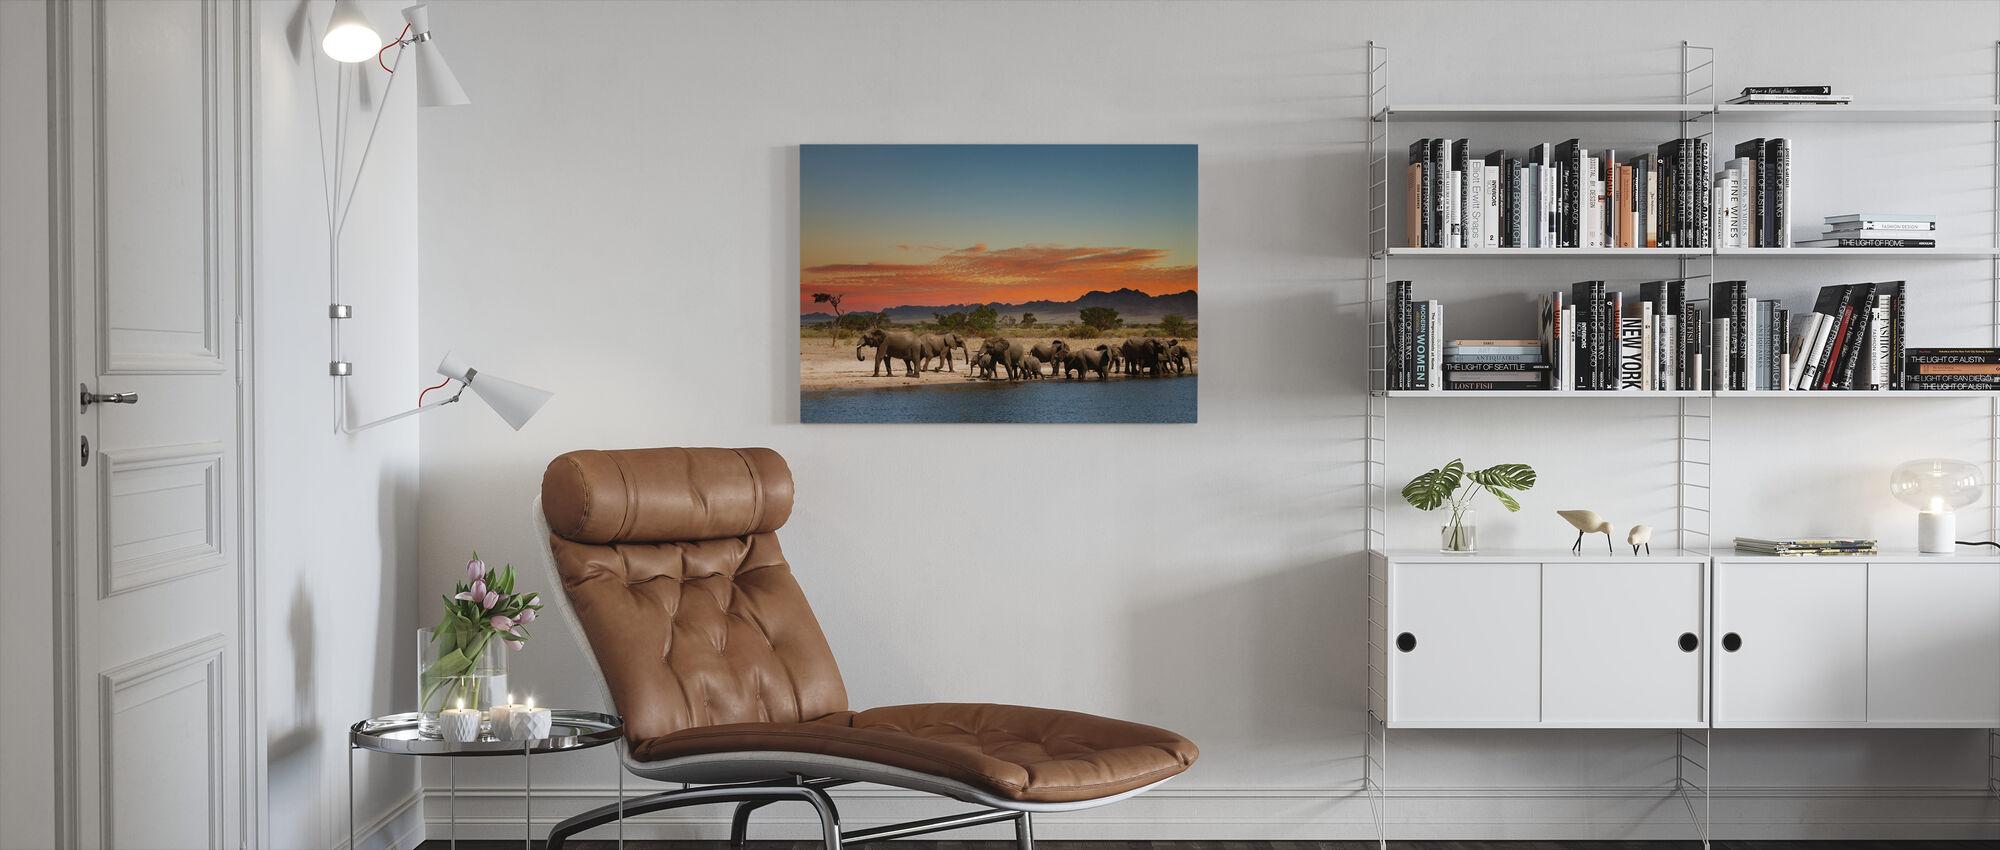 Kudde olifanten - Canvas print - Woonkamer